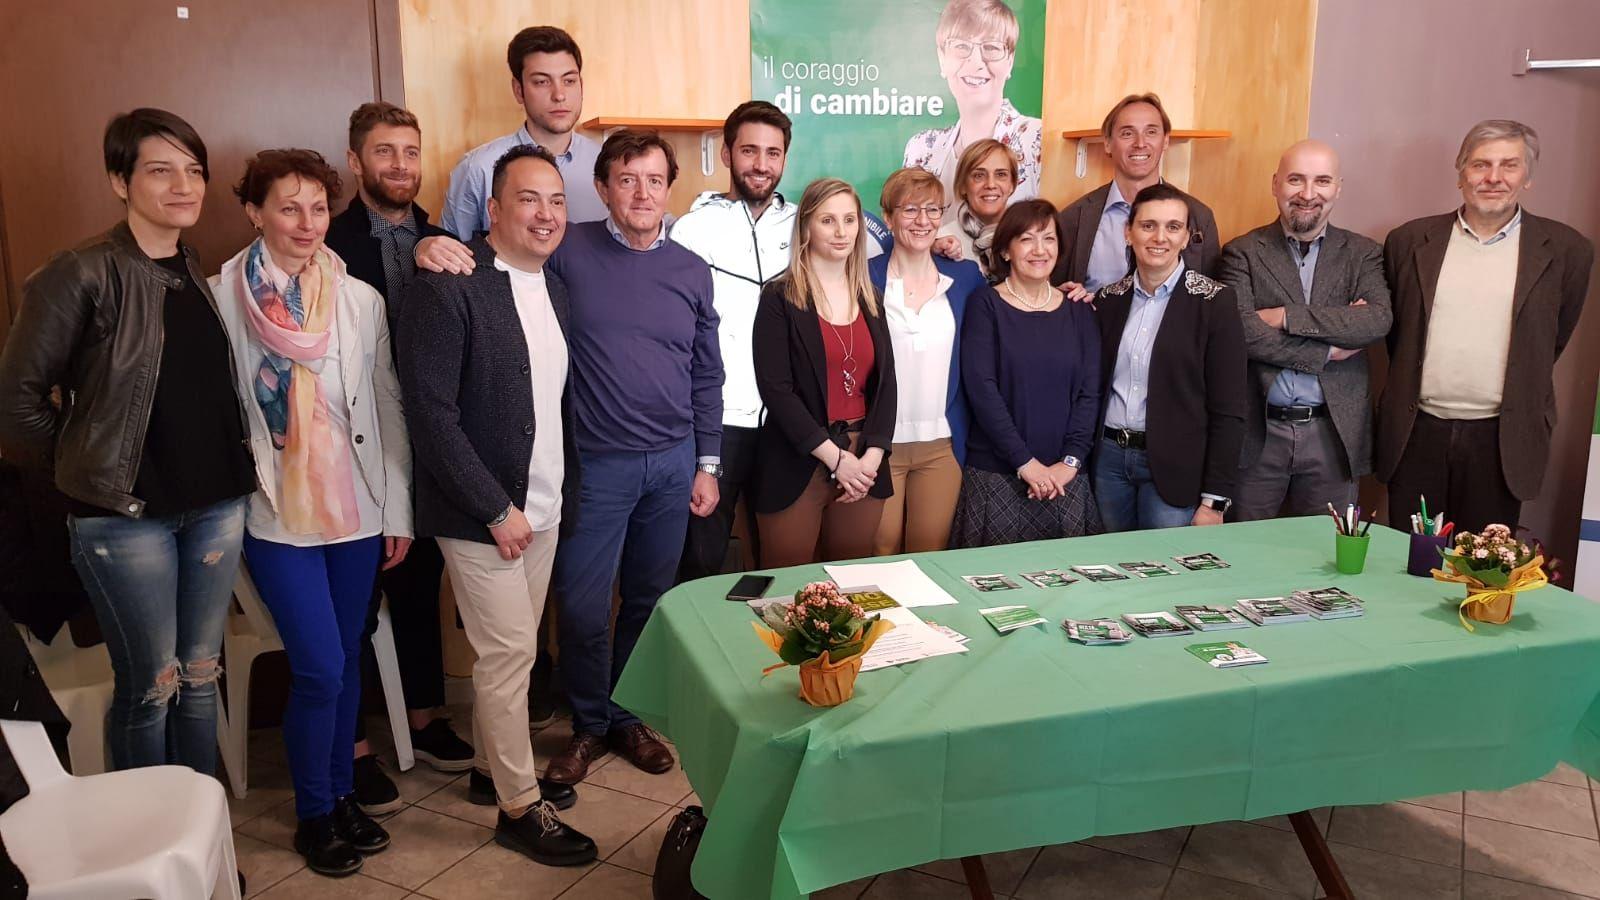 RIVAROLO - Marina Vittone ha presentato la sede elettorale - FOTO